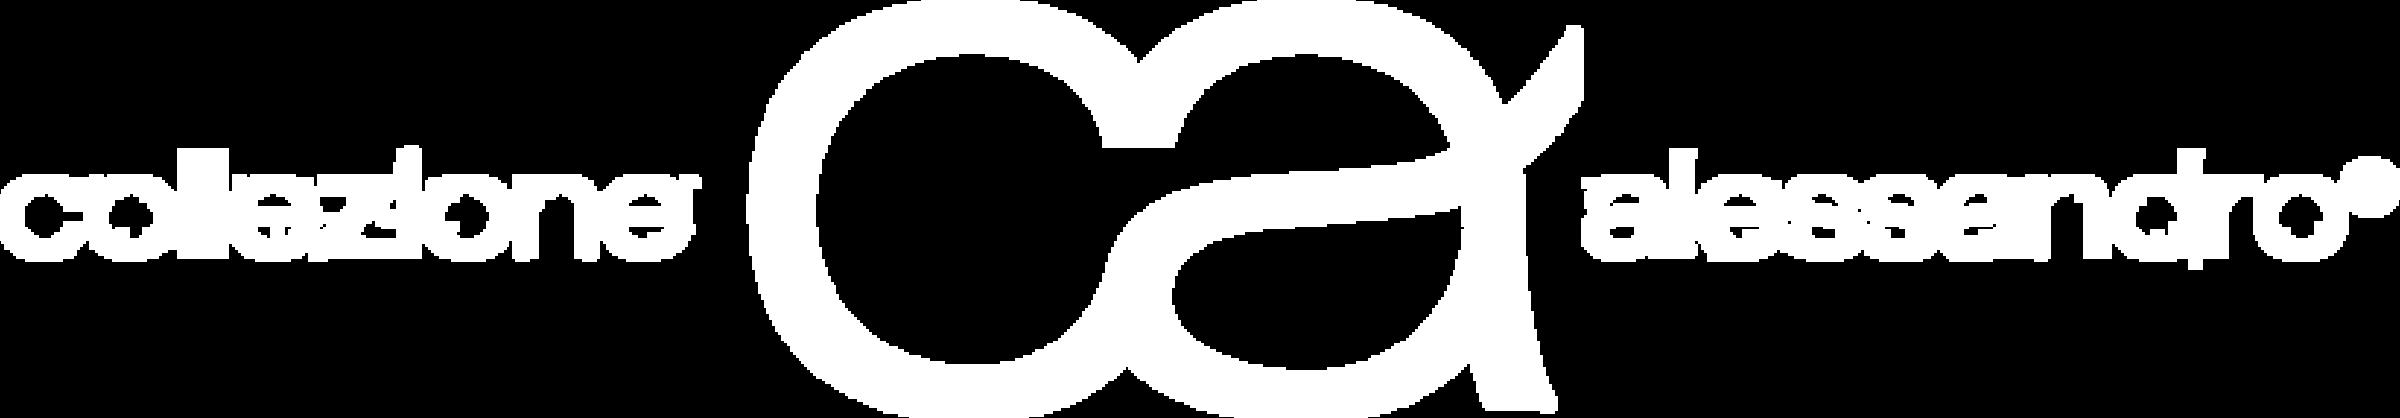 Collezione Allessandro Logo